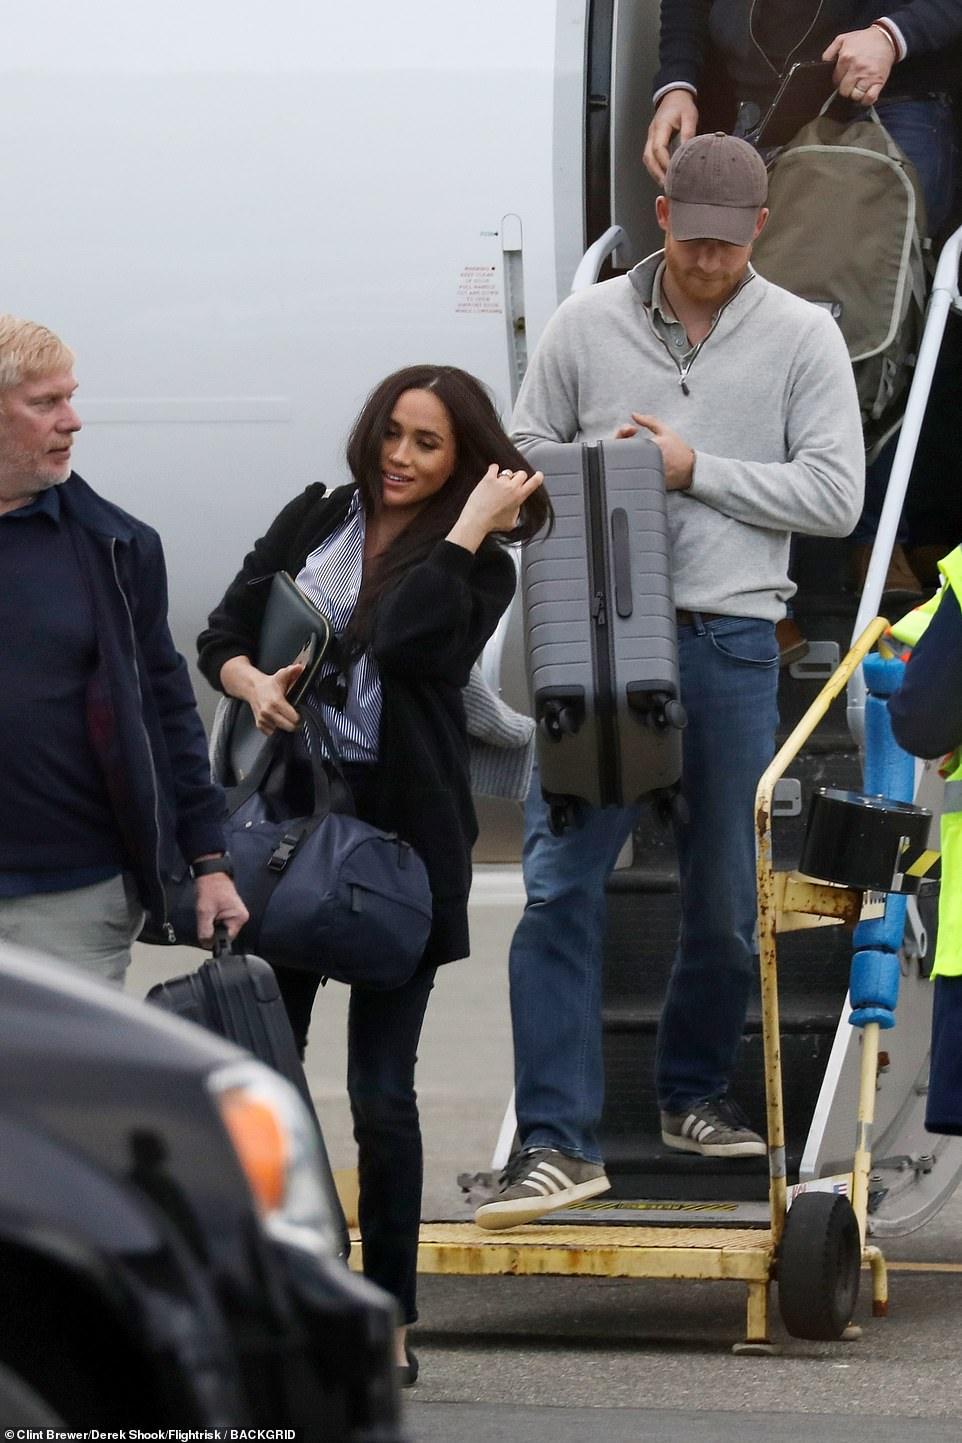 La pareja real sonríe con sus propias maletas en un vuelo comercial en Canadá